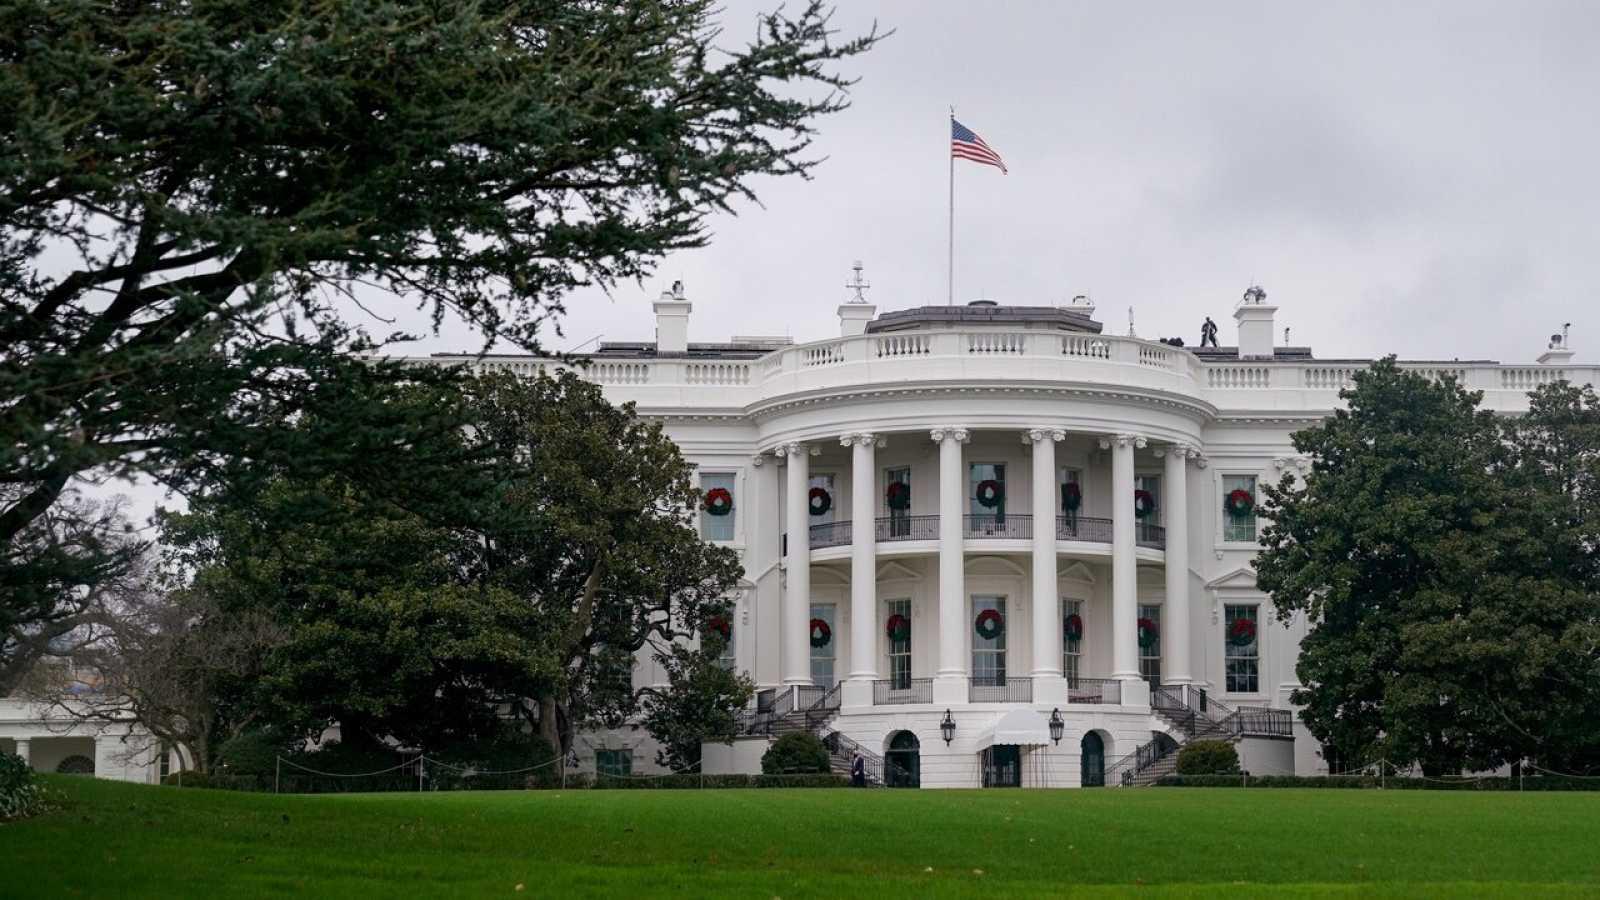 Se está investigando las actividades de personas que se pusieron en contacto con funcionarios de Trump con el objetivo de lograr un indulto